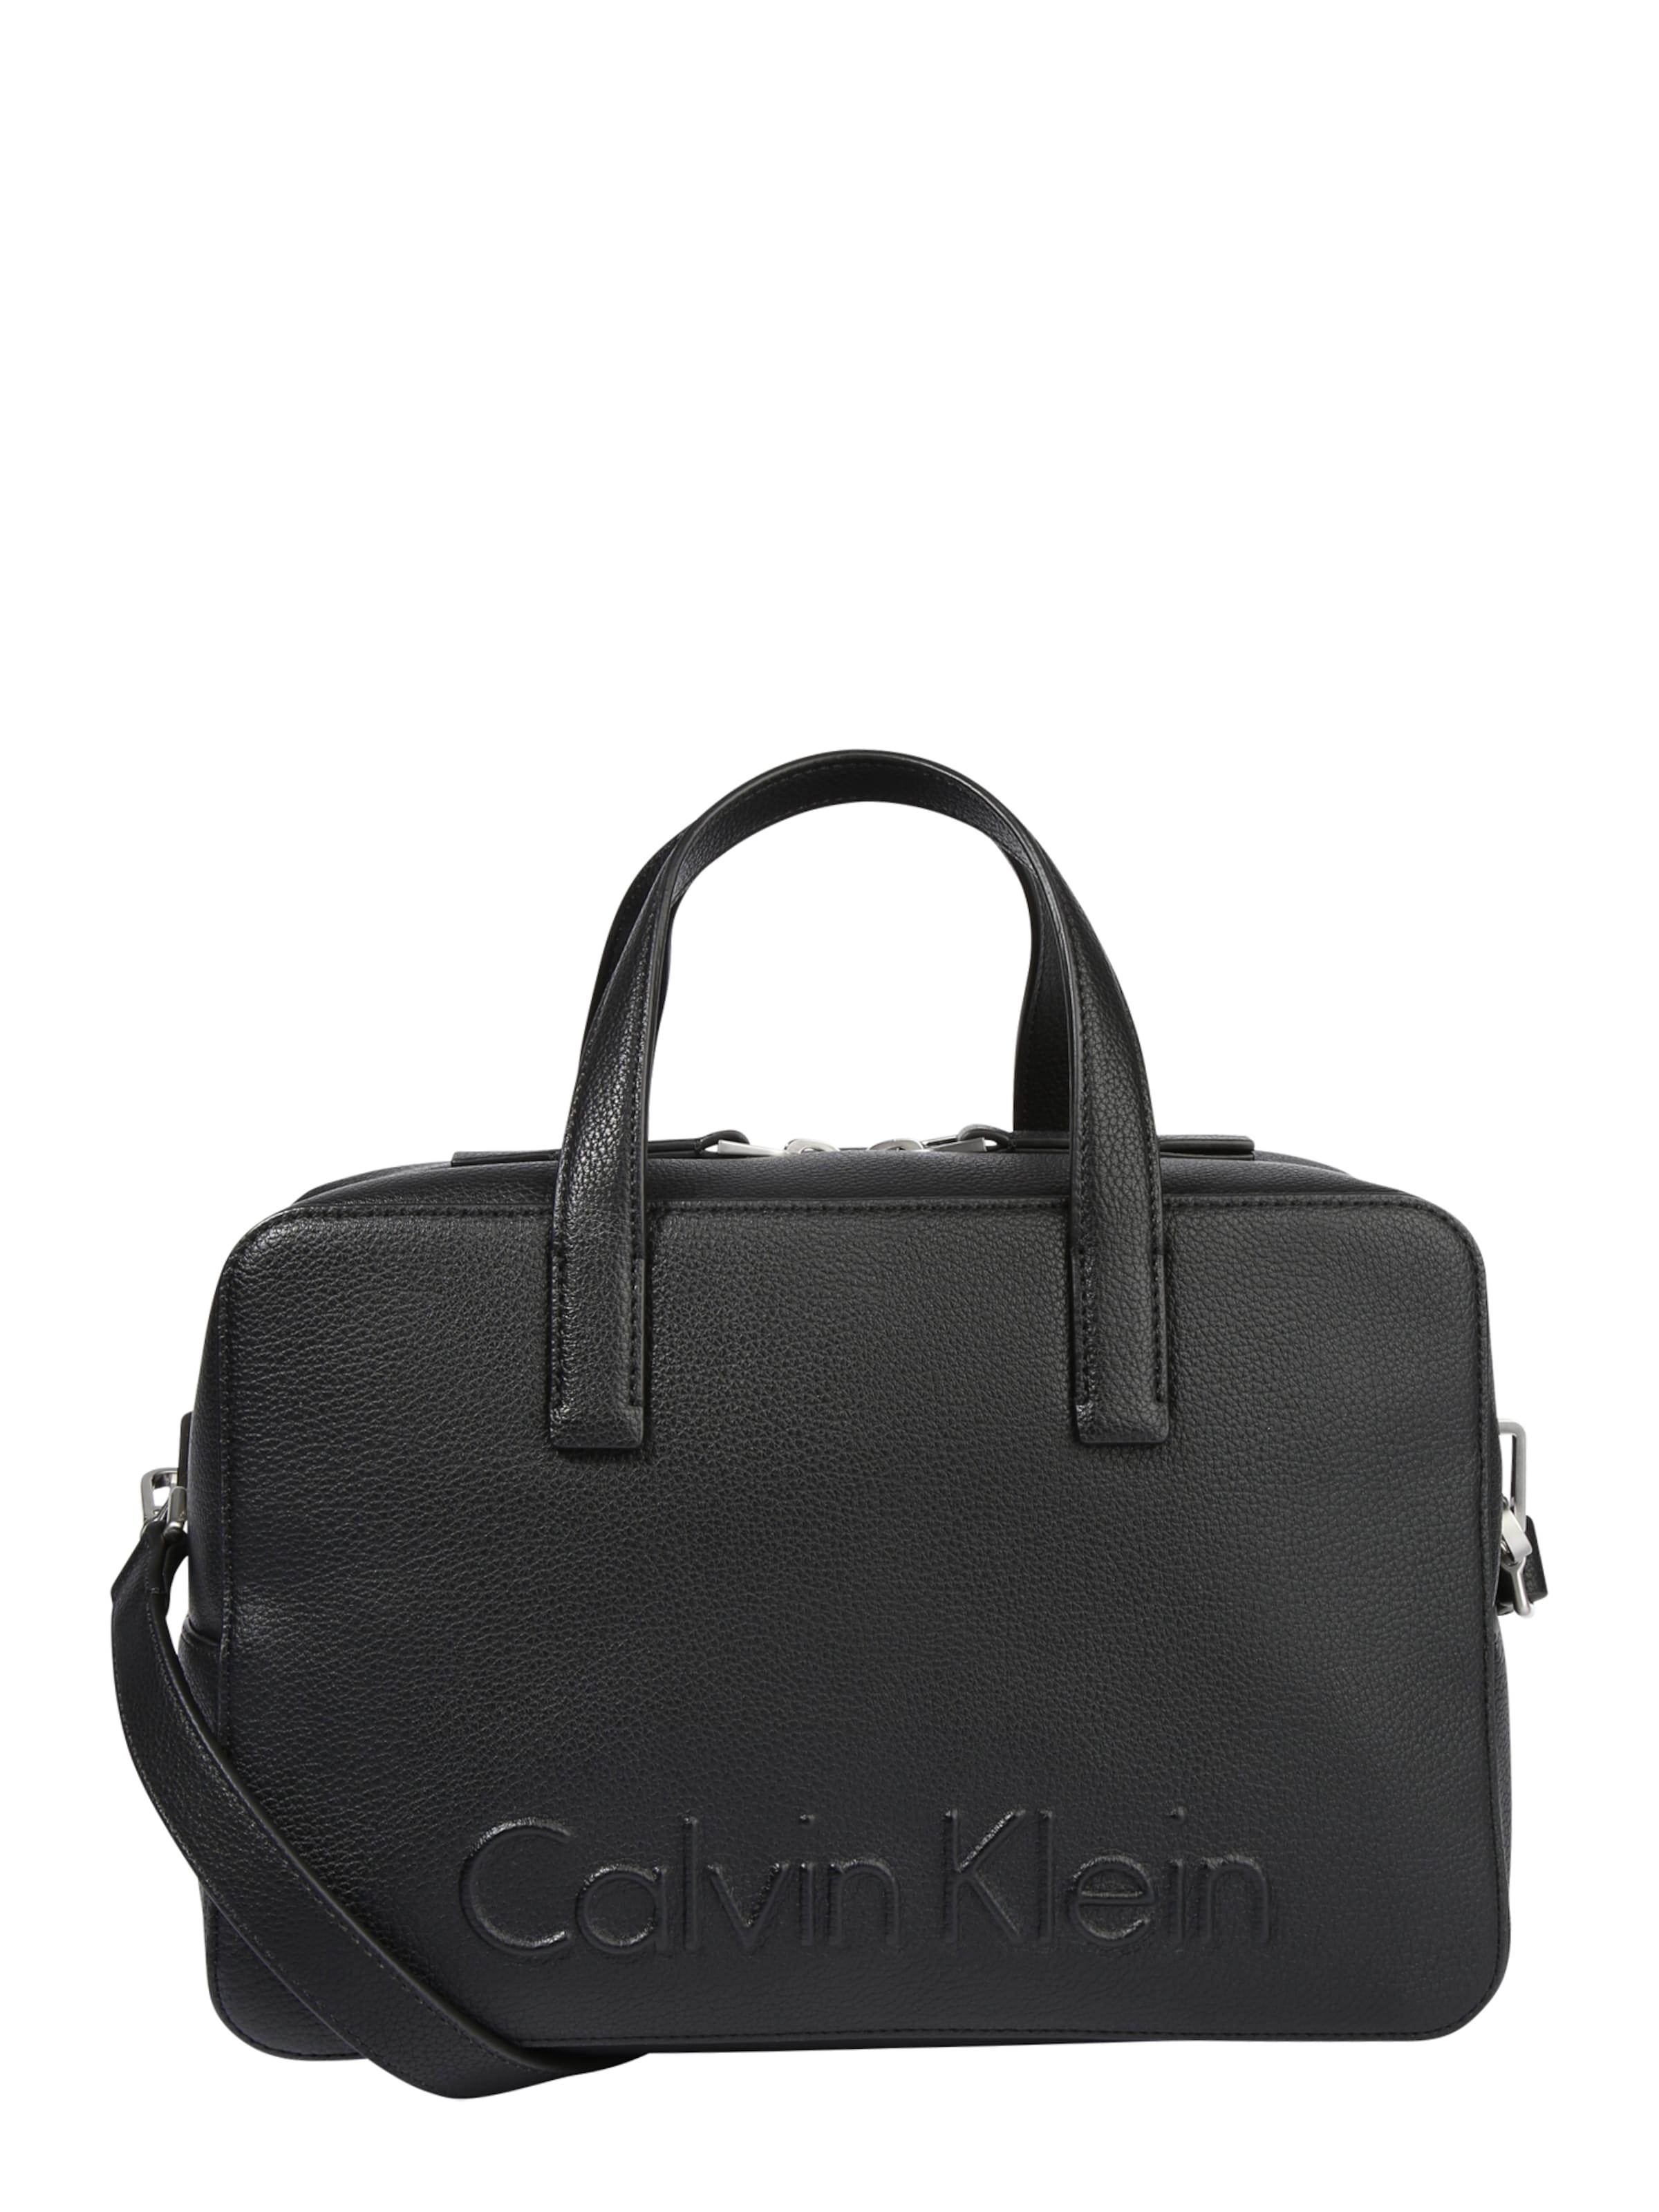 Calvin Klein Handtasche 'EDGE' Werksverkauf 2018 Unisex Zum Verkauf Limit Rabatt Freies Verschiffen Große Auswahl An Freies Verschiffen 100% Garantiert 509FSwJpgH